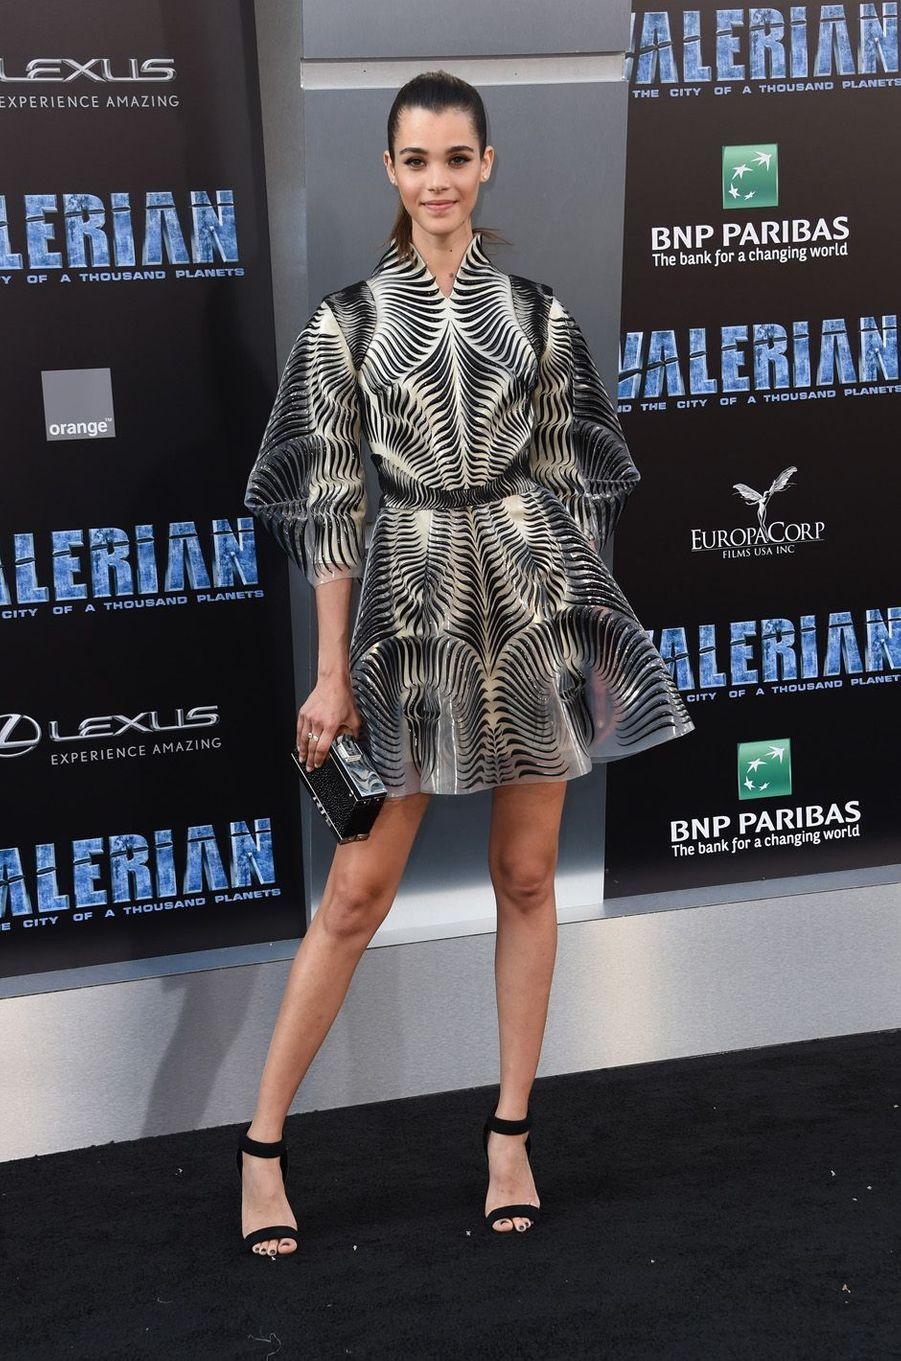 Pauline Hoarauà l'avant-première de Valérian et la Cité des mille planètes, le 17 juillet 2017 à Los Angeles.